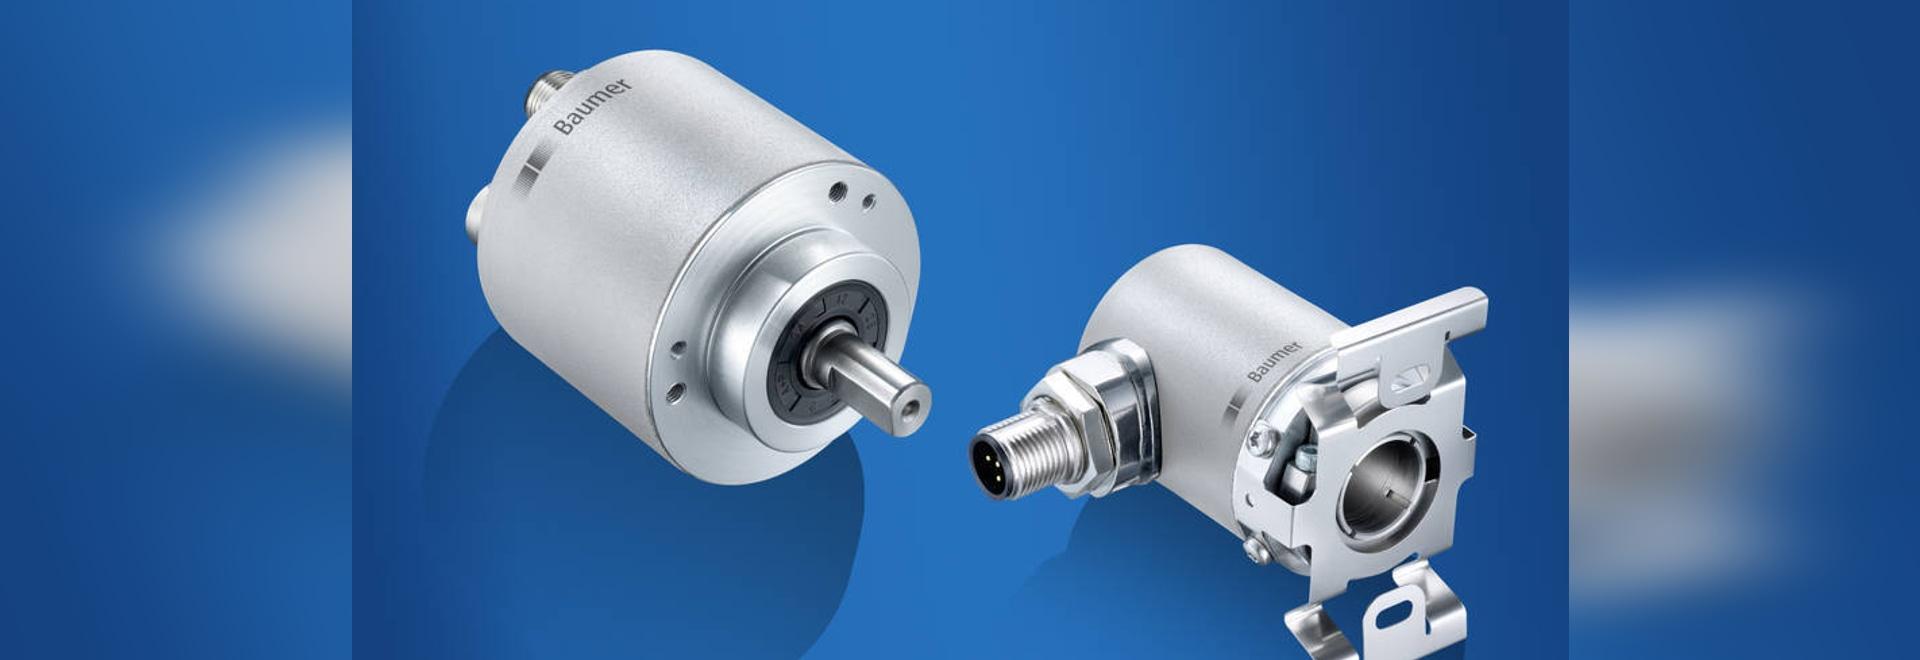 Précision robuste – la nouvelle génération absolue magnétique d'encodeur